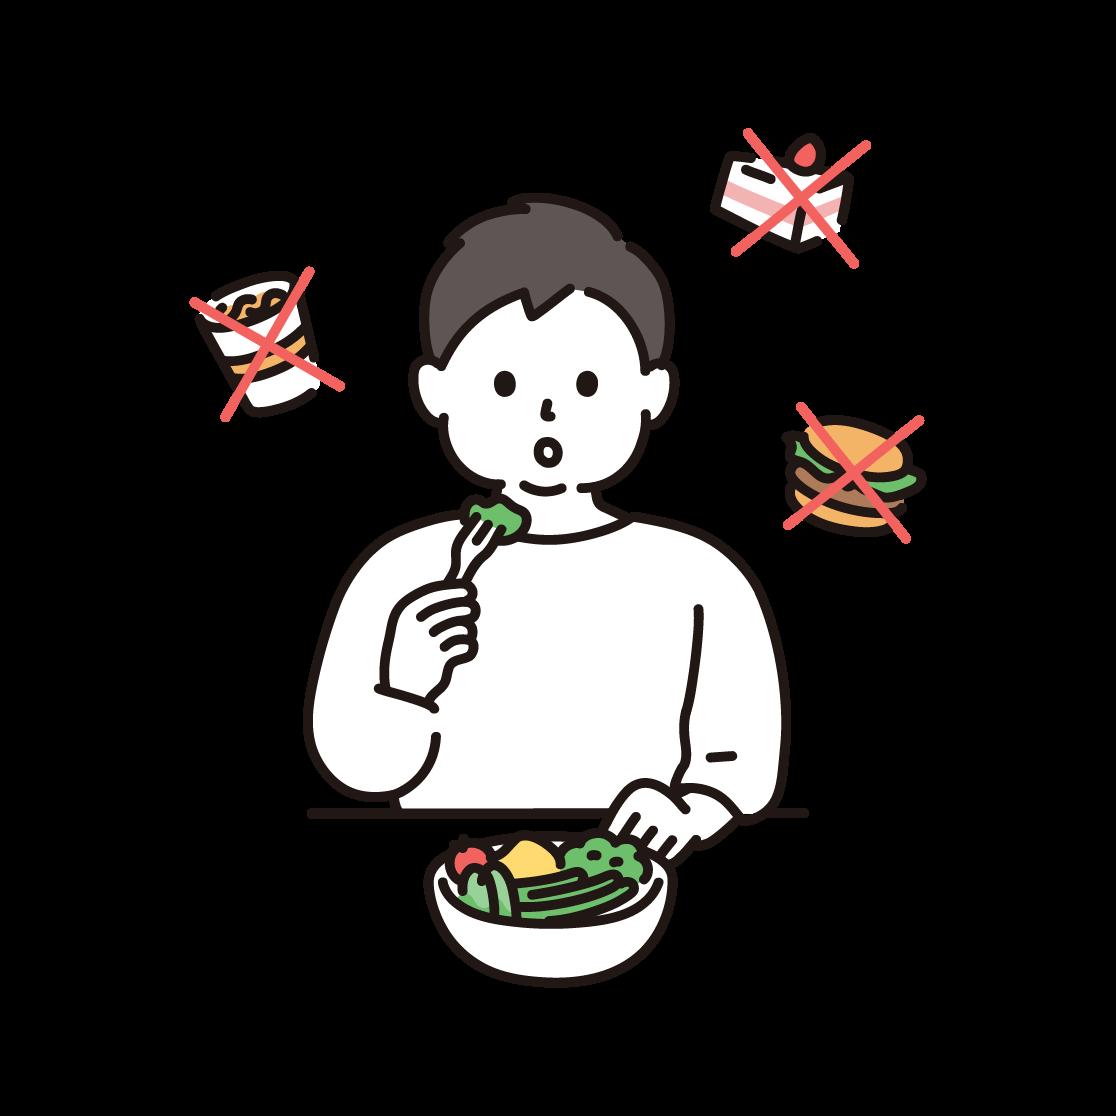 食事制限(ダイエット)をする男性